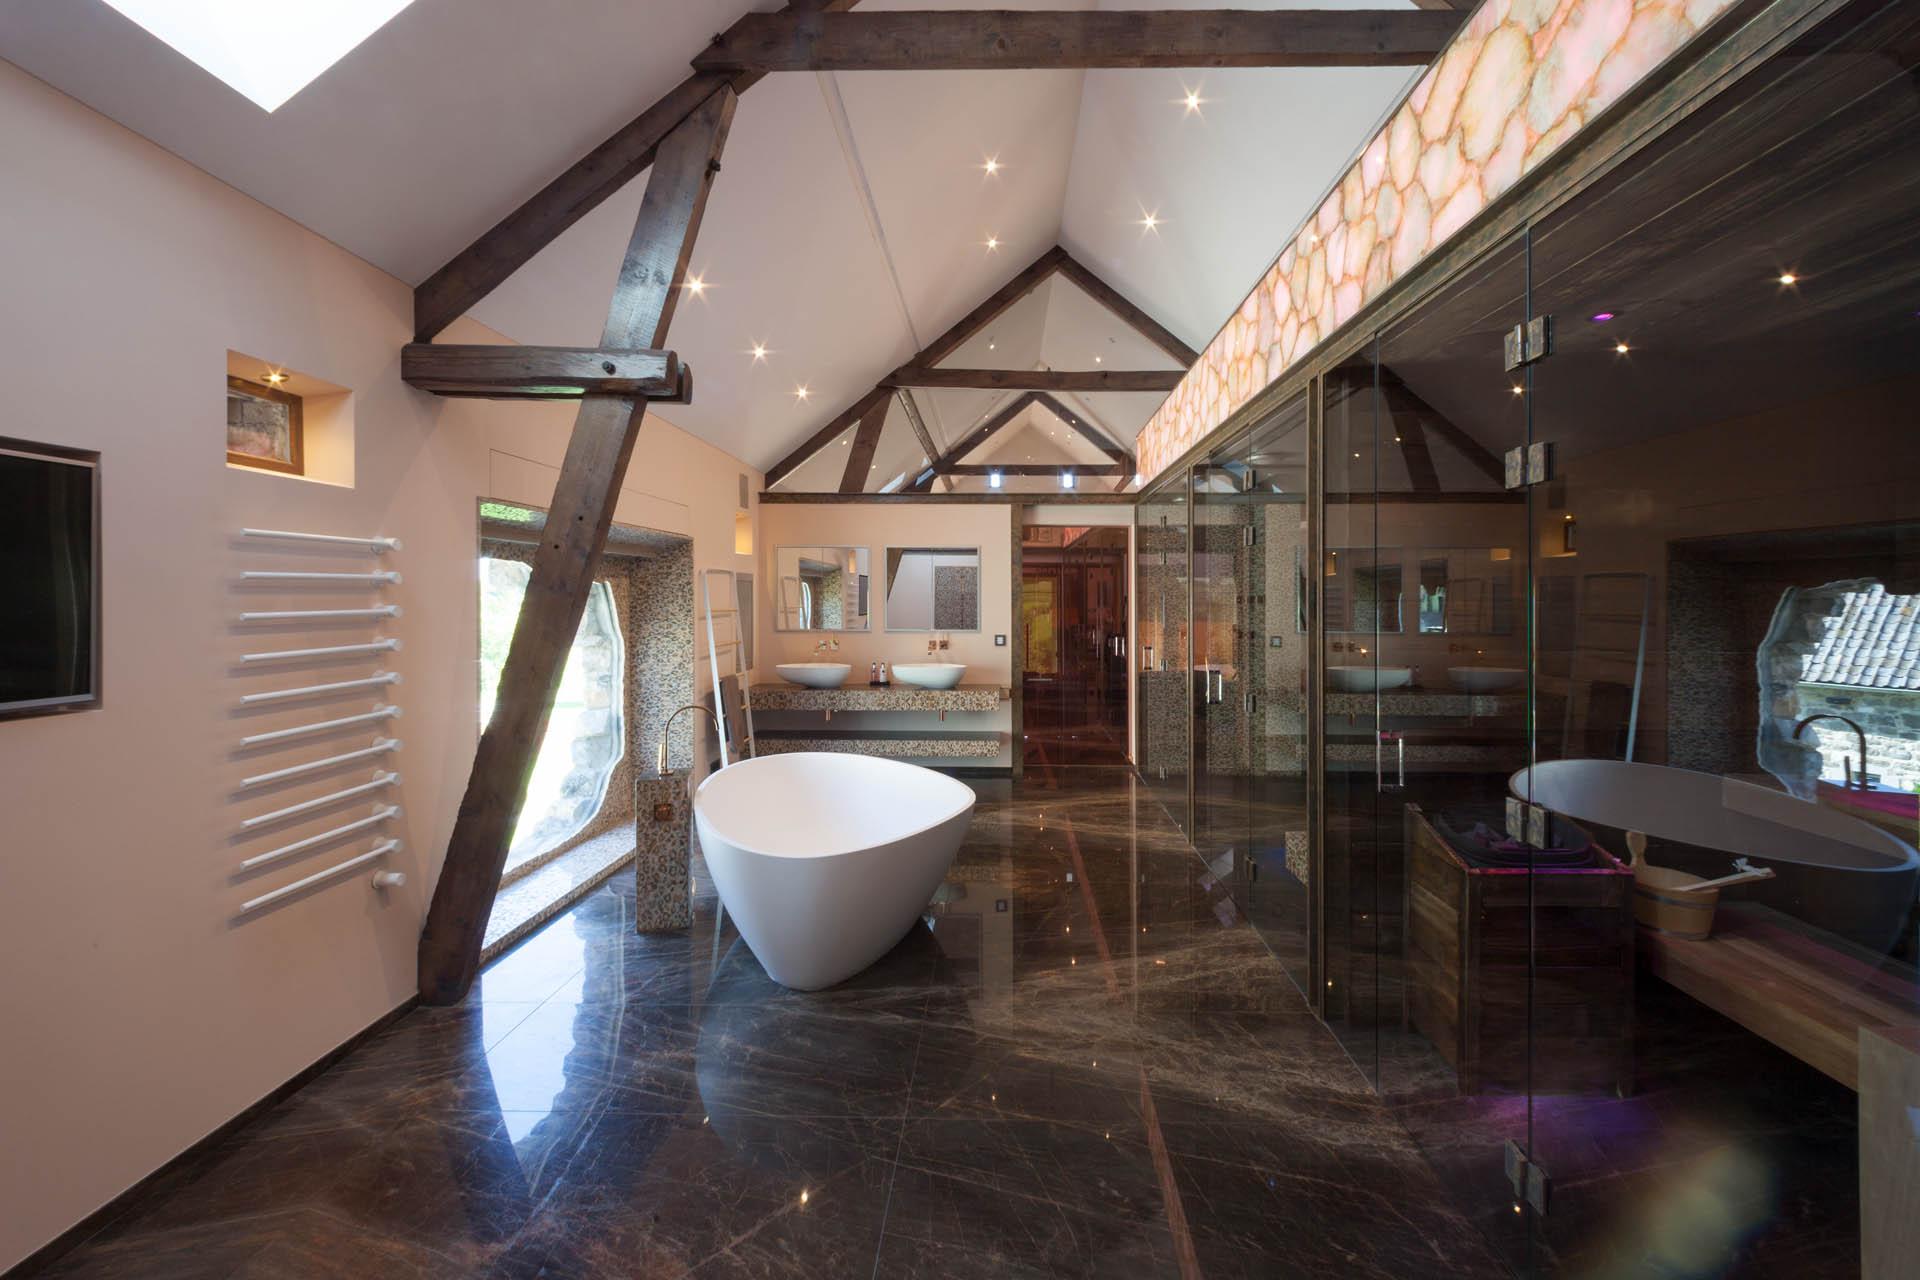 Design Badkamer Merken : Eigen huis en tuin kijkershuis badkamer designfliesen